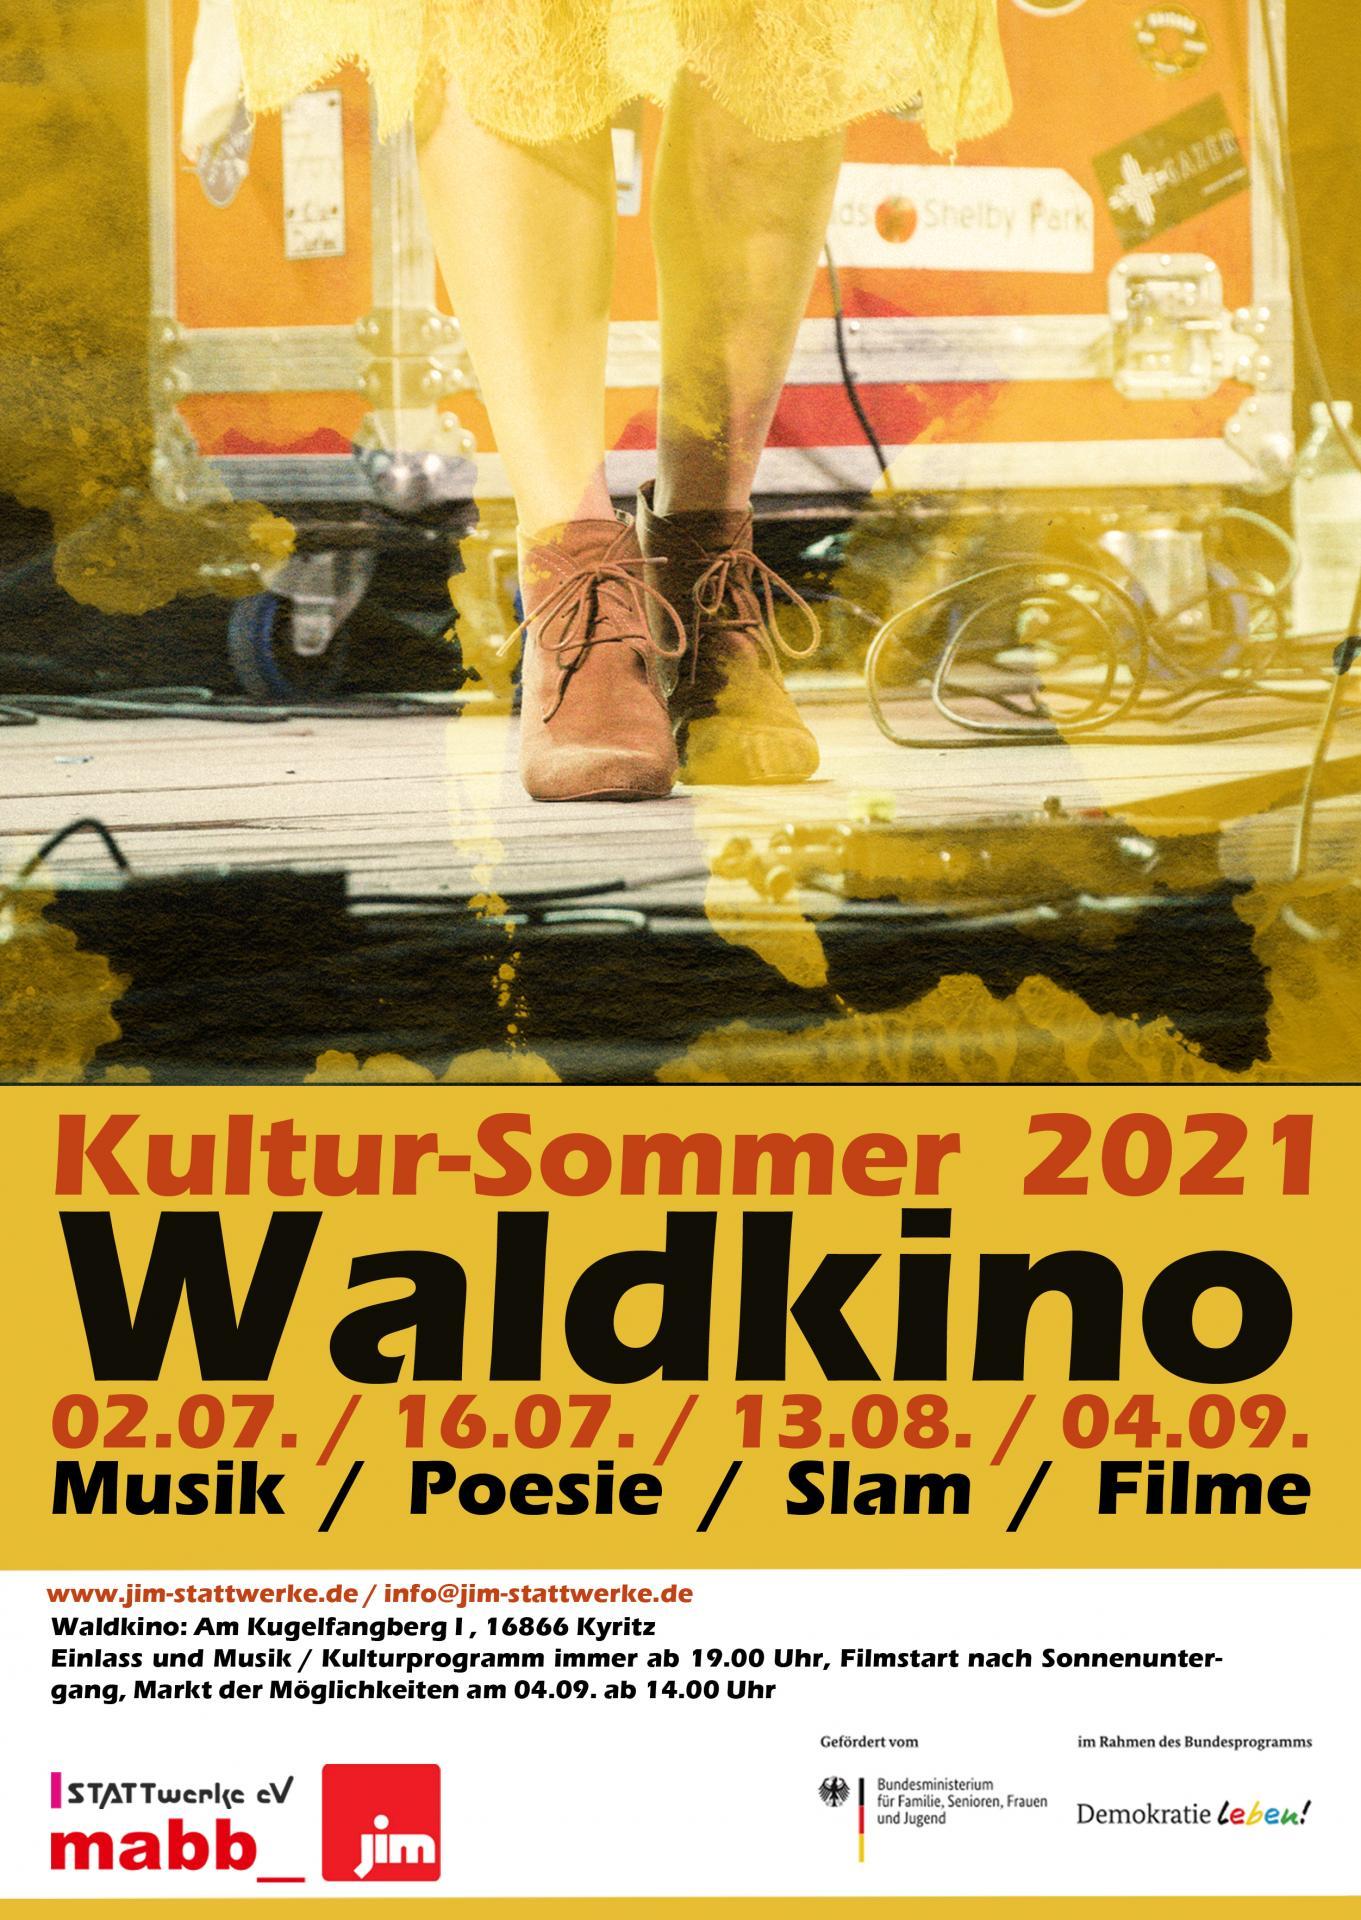 Waldkino 2021